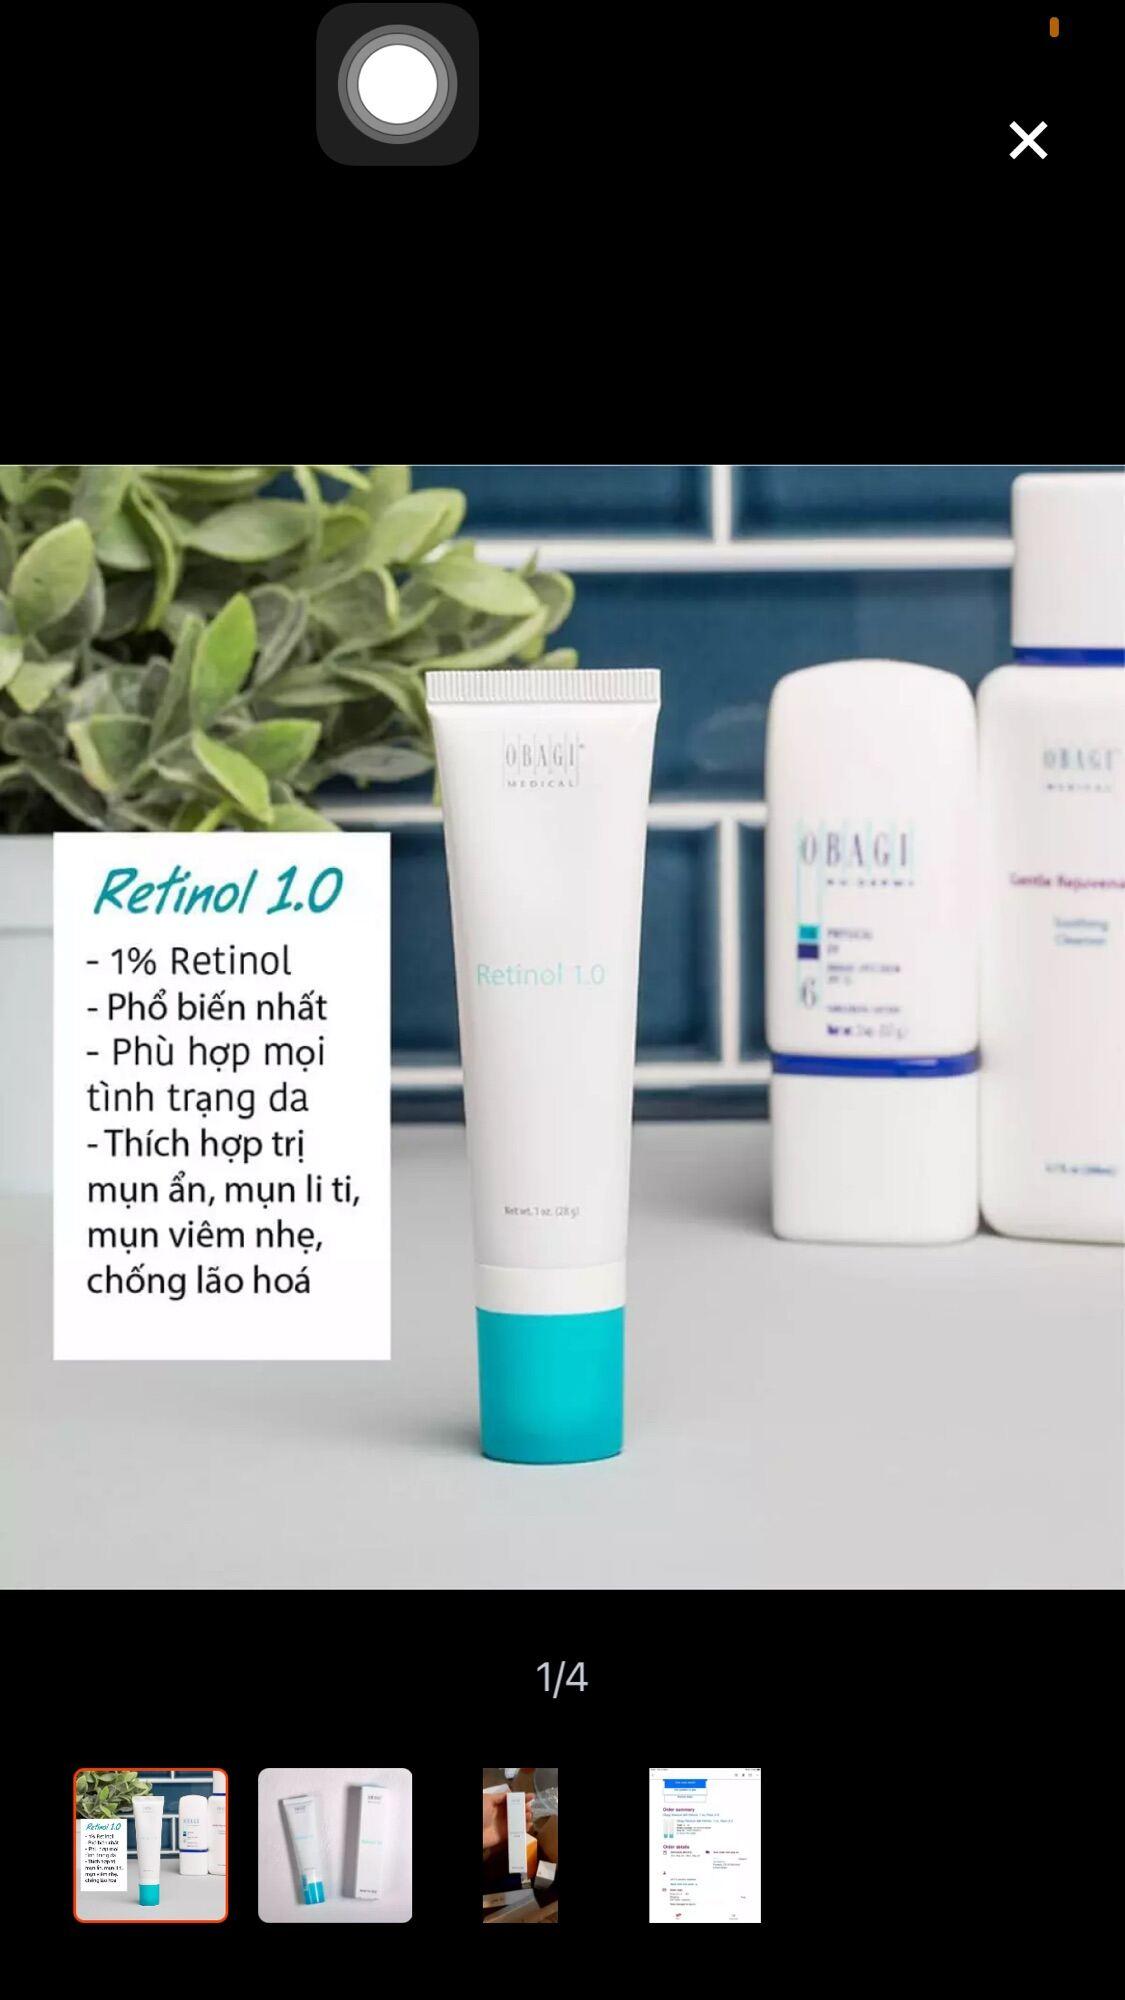 Kem dưỡng chống lão hoá retinol obagi 1.0( xách tay US - có bill) thumbnail